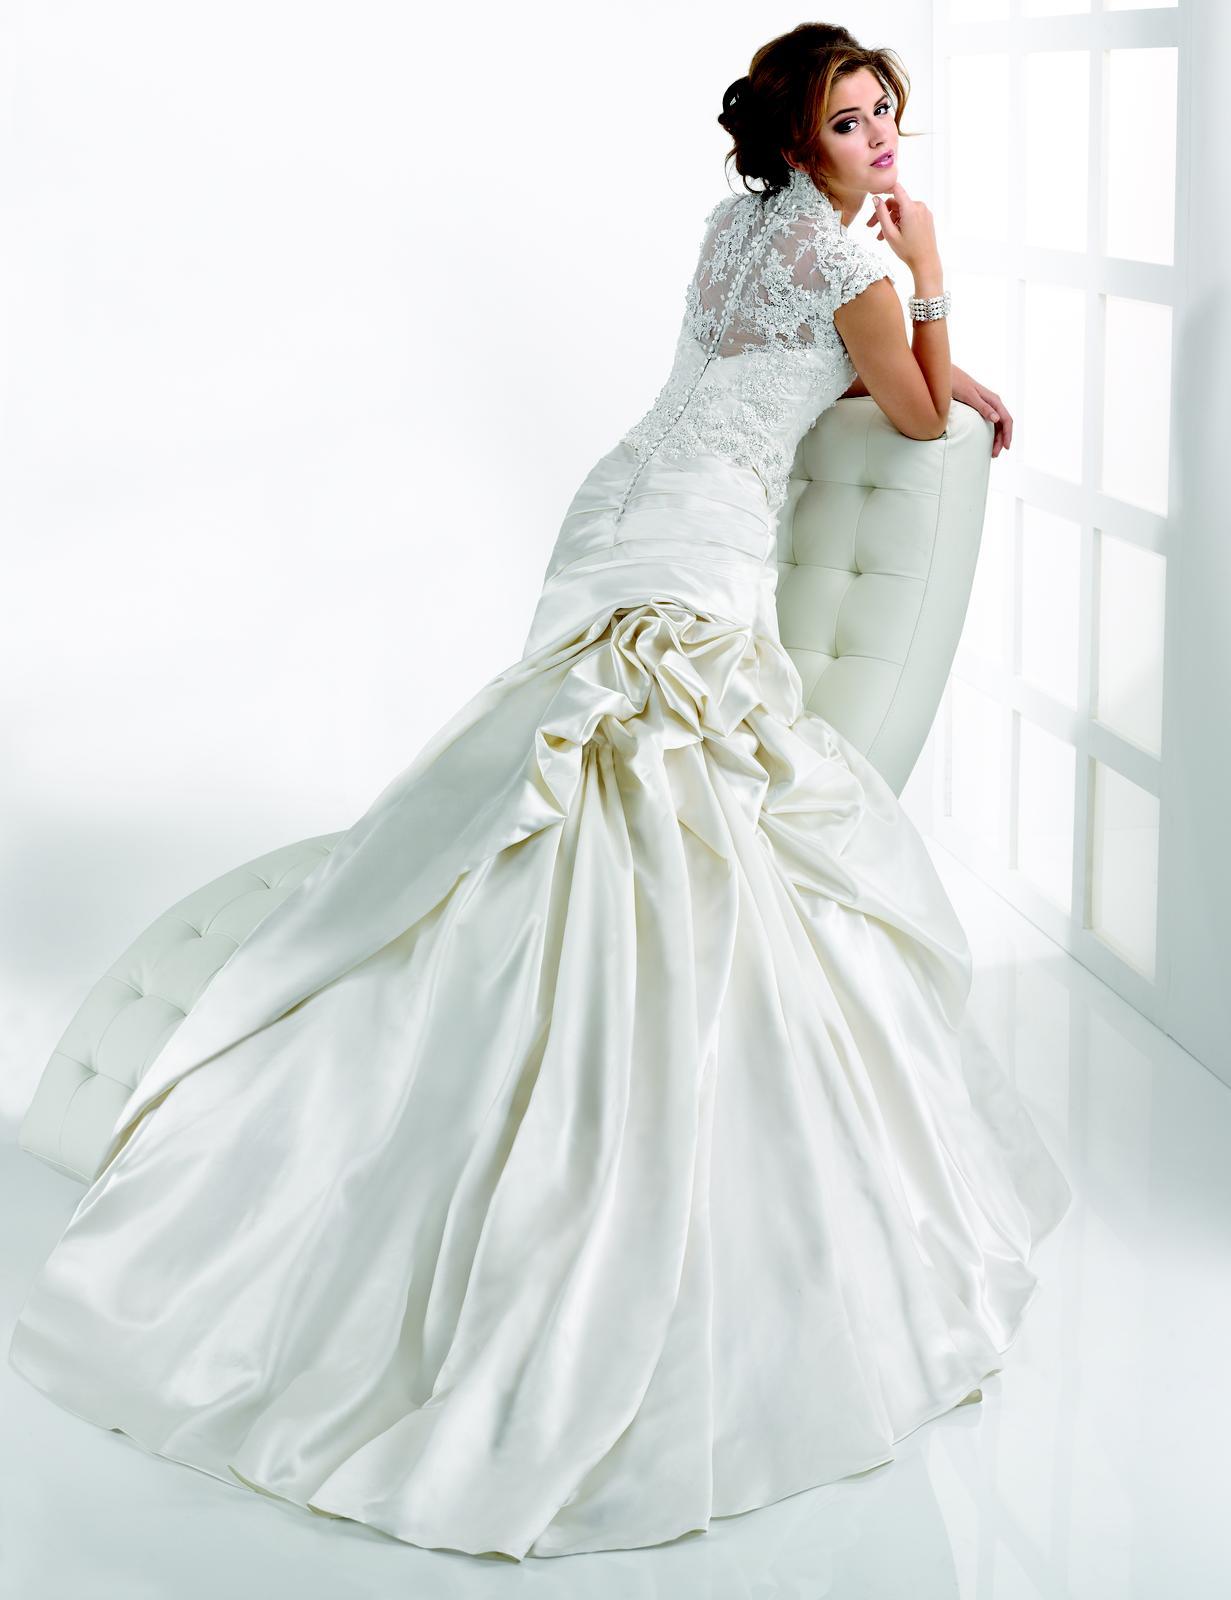 Výpredaj svadobných šiat! - Farba: diamond white, veľkosť 34-36